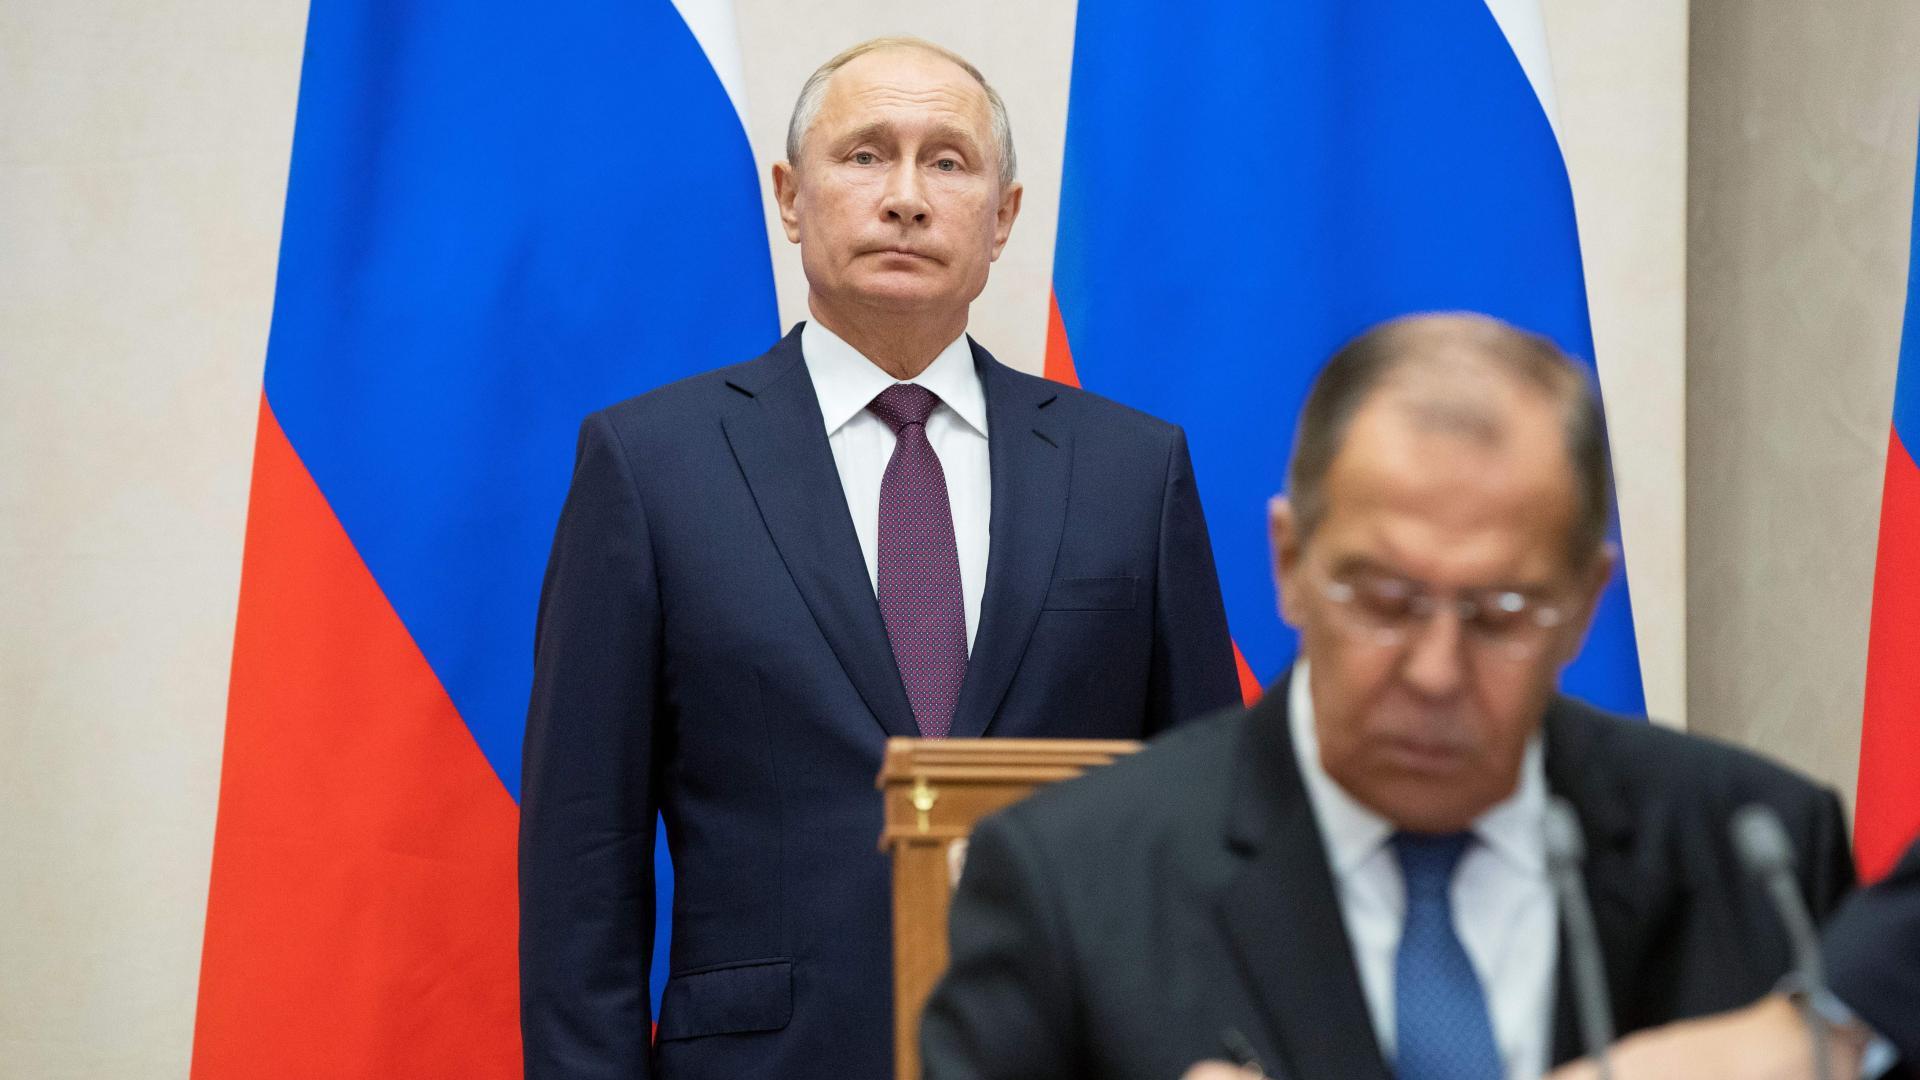 روسيا تطالب تونس بدعم عودة سوريا لجامعة الدول العربية خلال القمة المقبلة